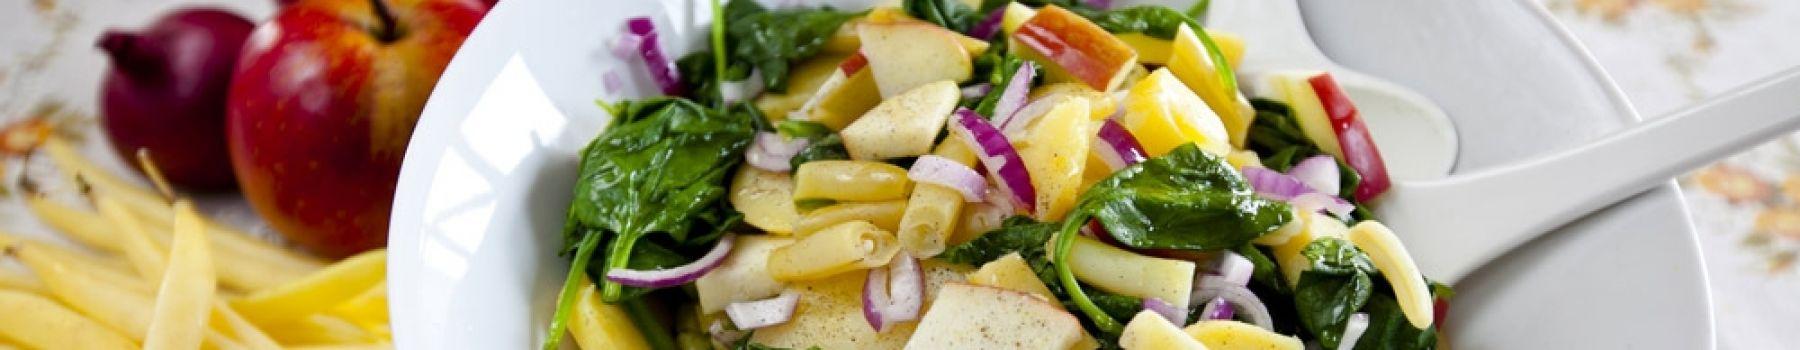 Sałatki tradycyjne, owocowe, dietetyczne - na jaką masz dziś ochotę?